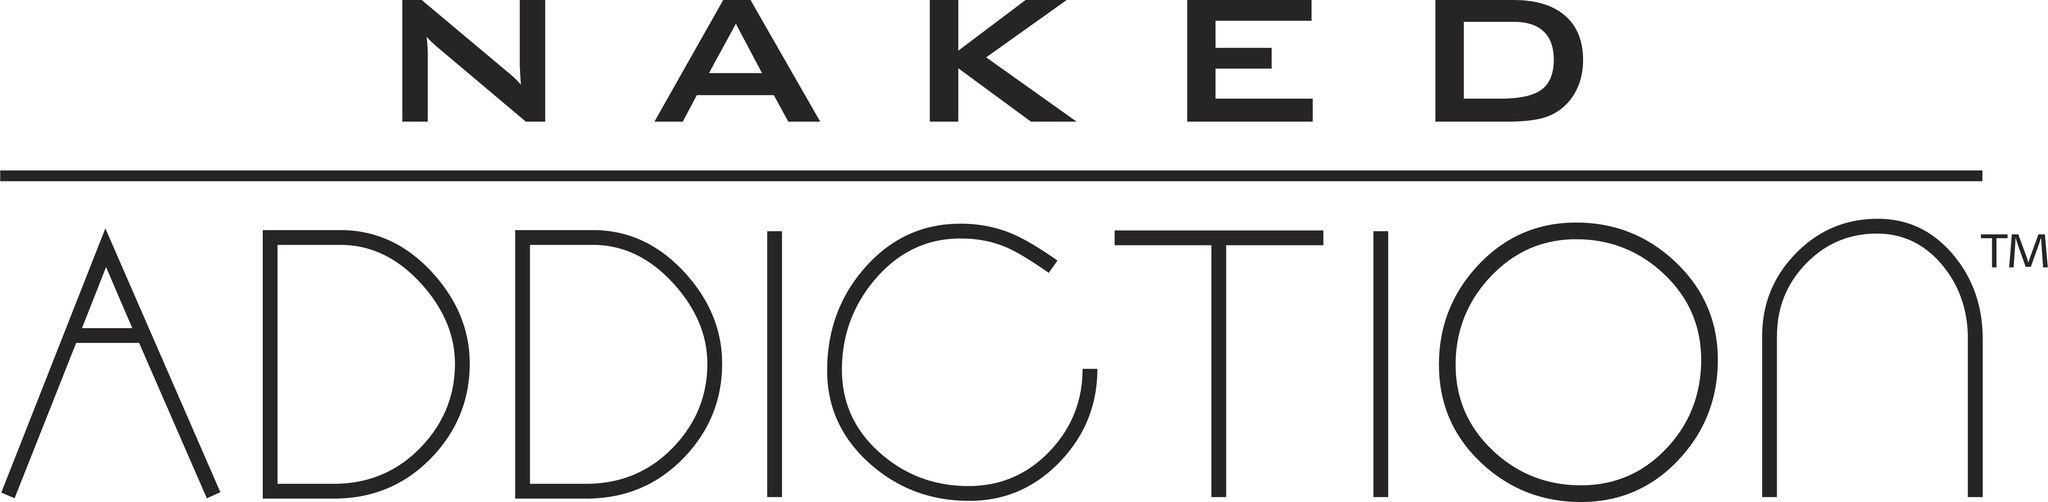 Naked Addiction Logo